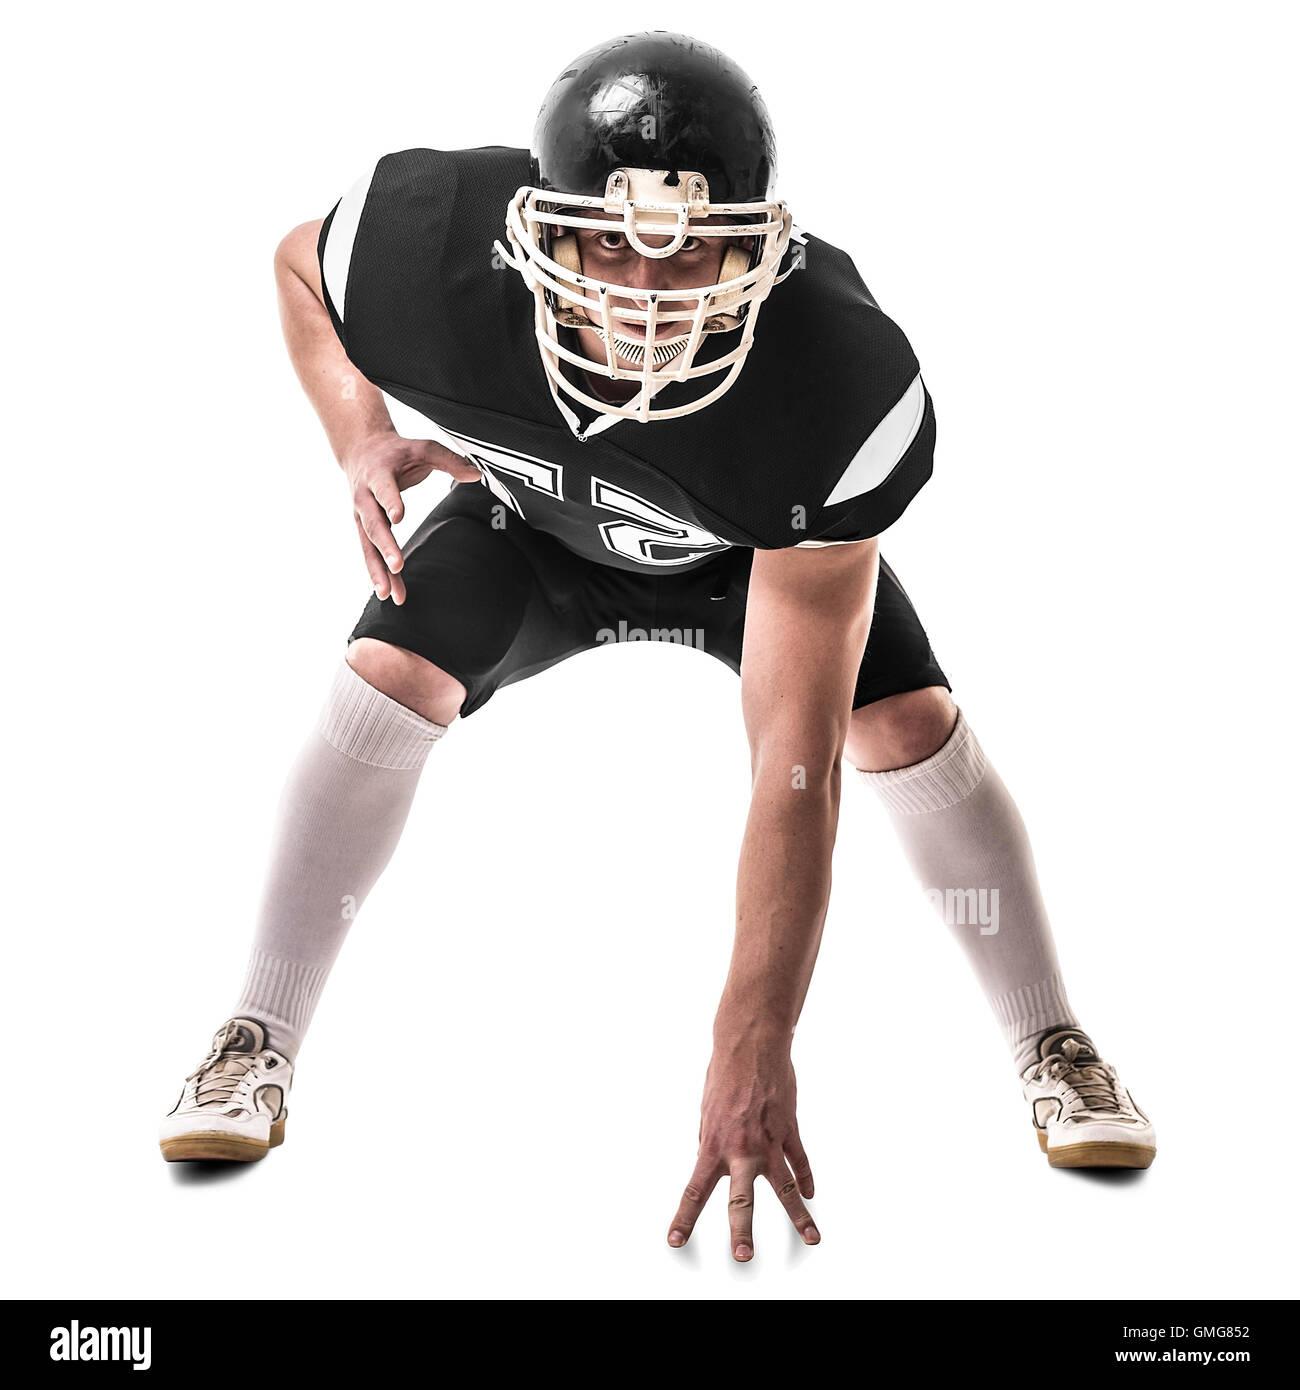 Jugador de fútbol americano aislado sobre fondo blanco. Imagen De Stock